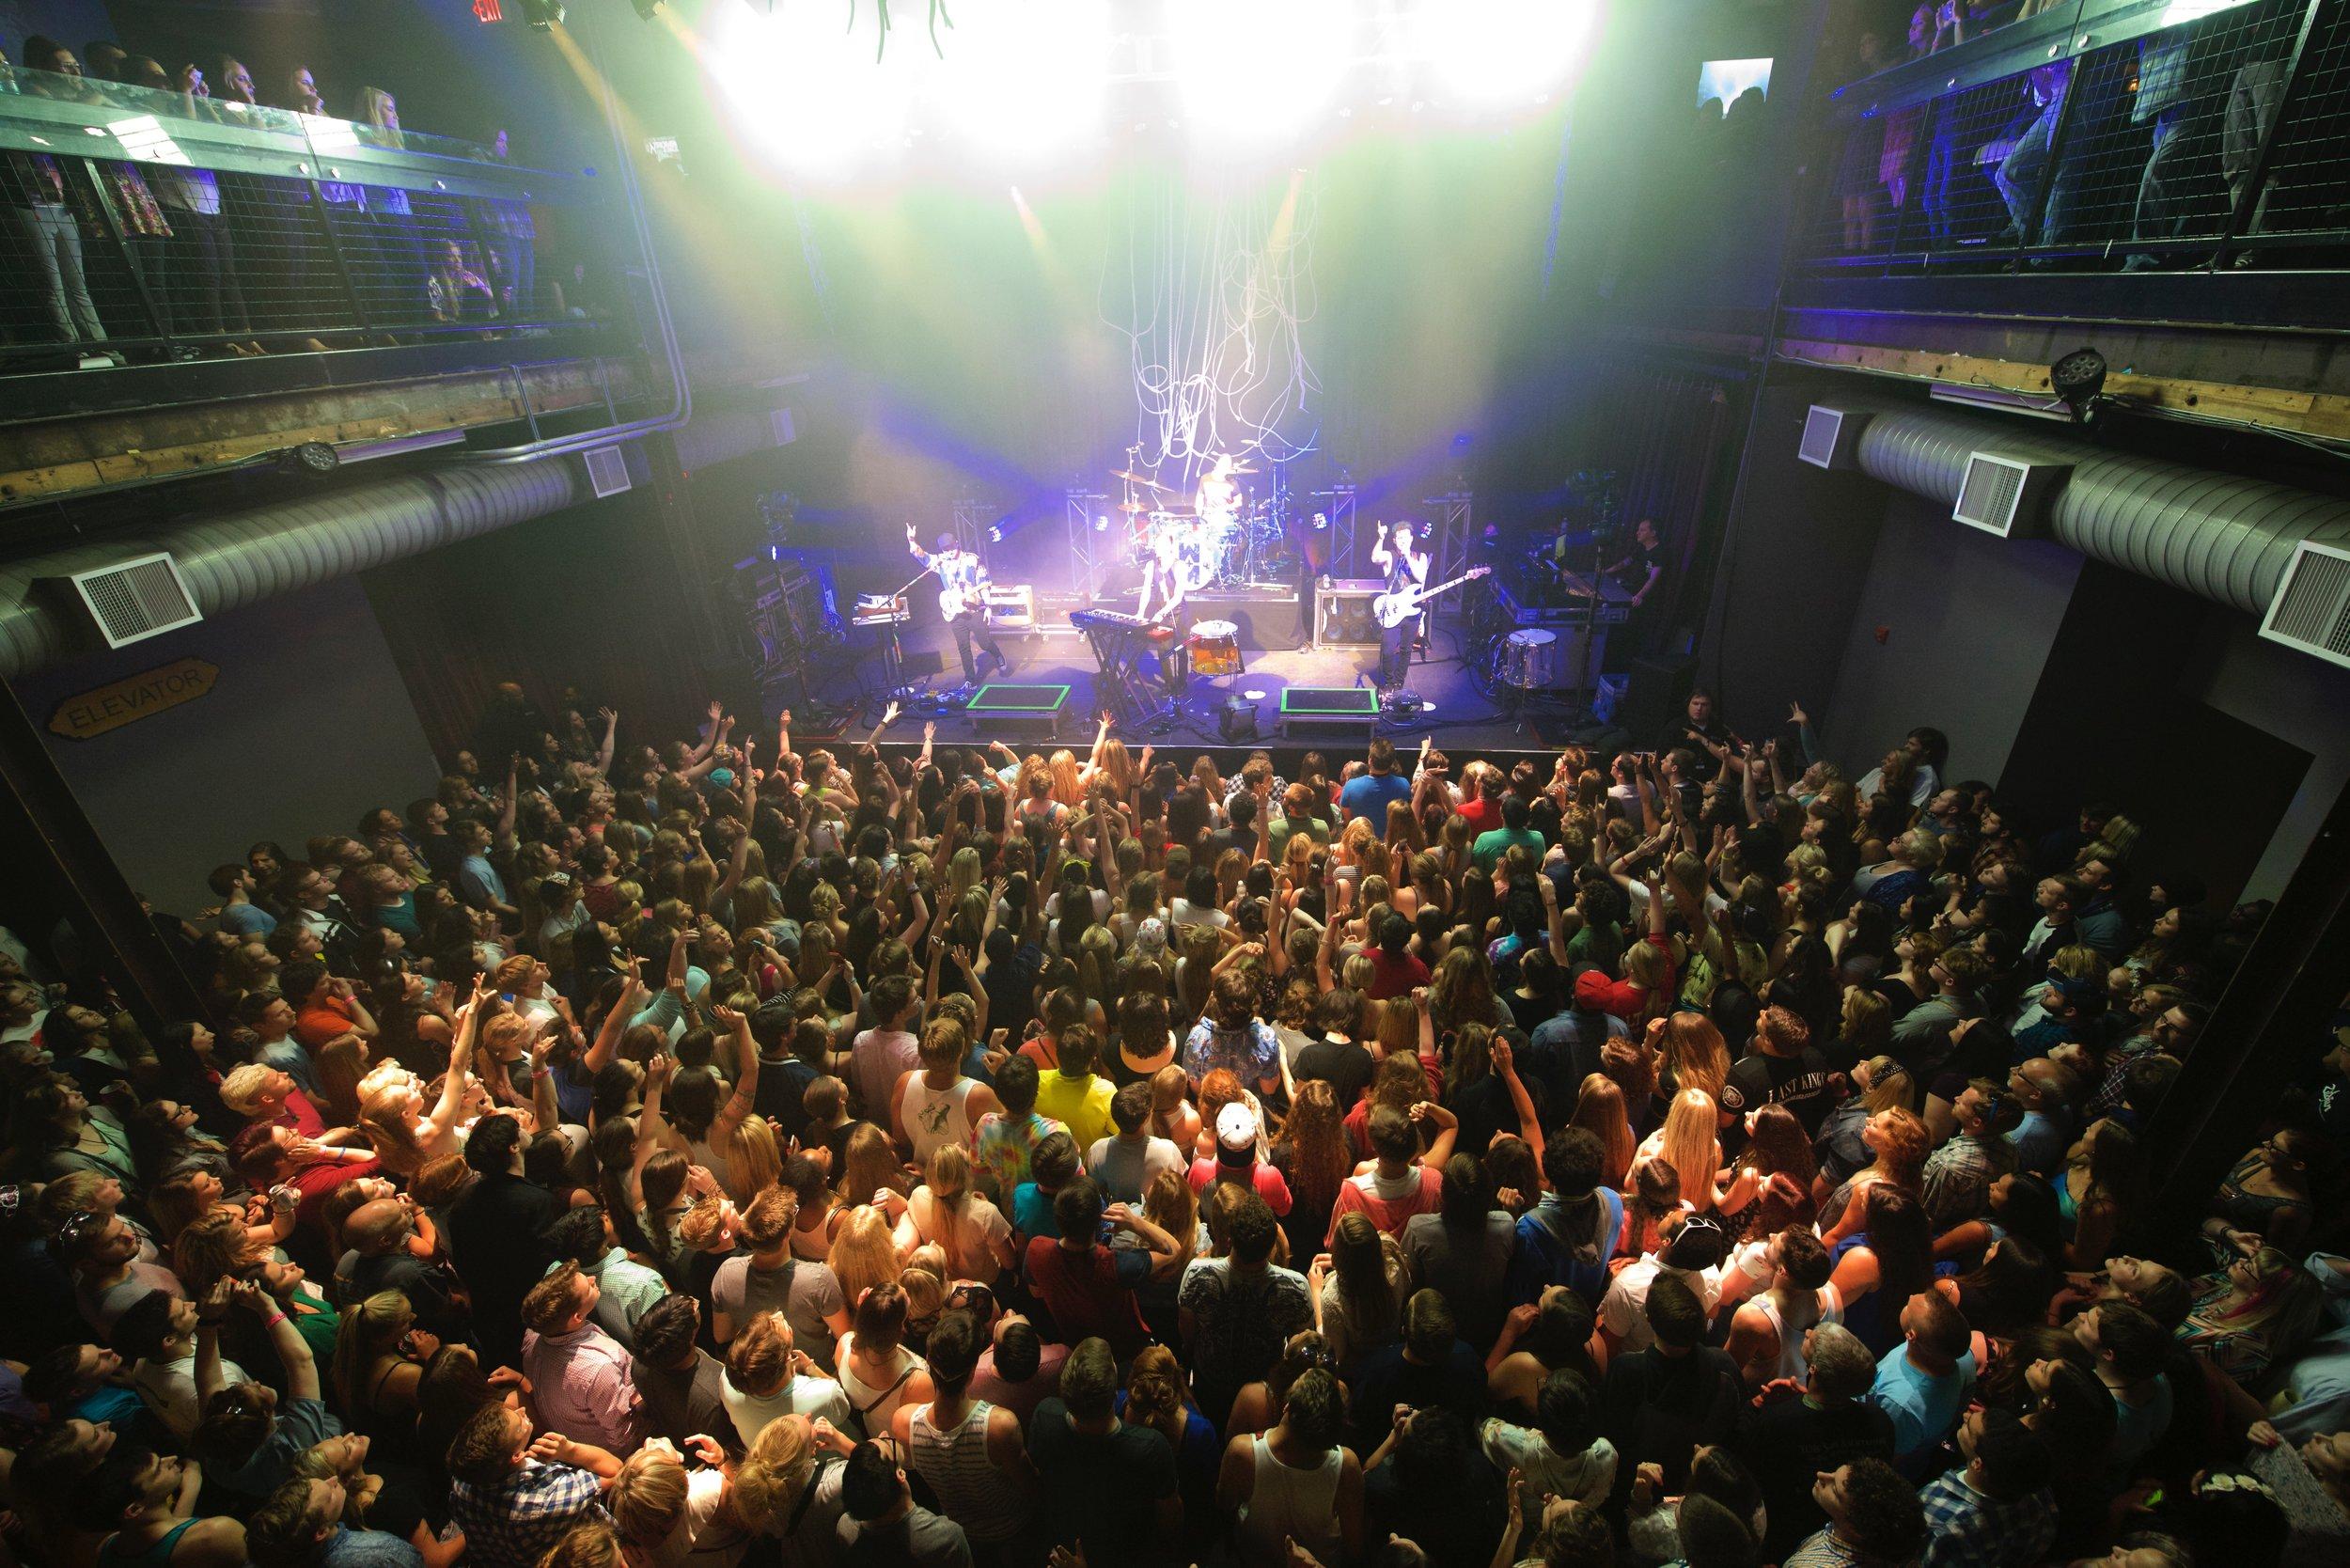 The Mercury Ballroom Louisville, KY